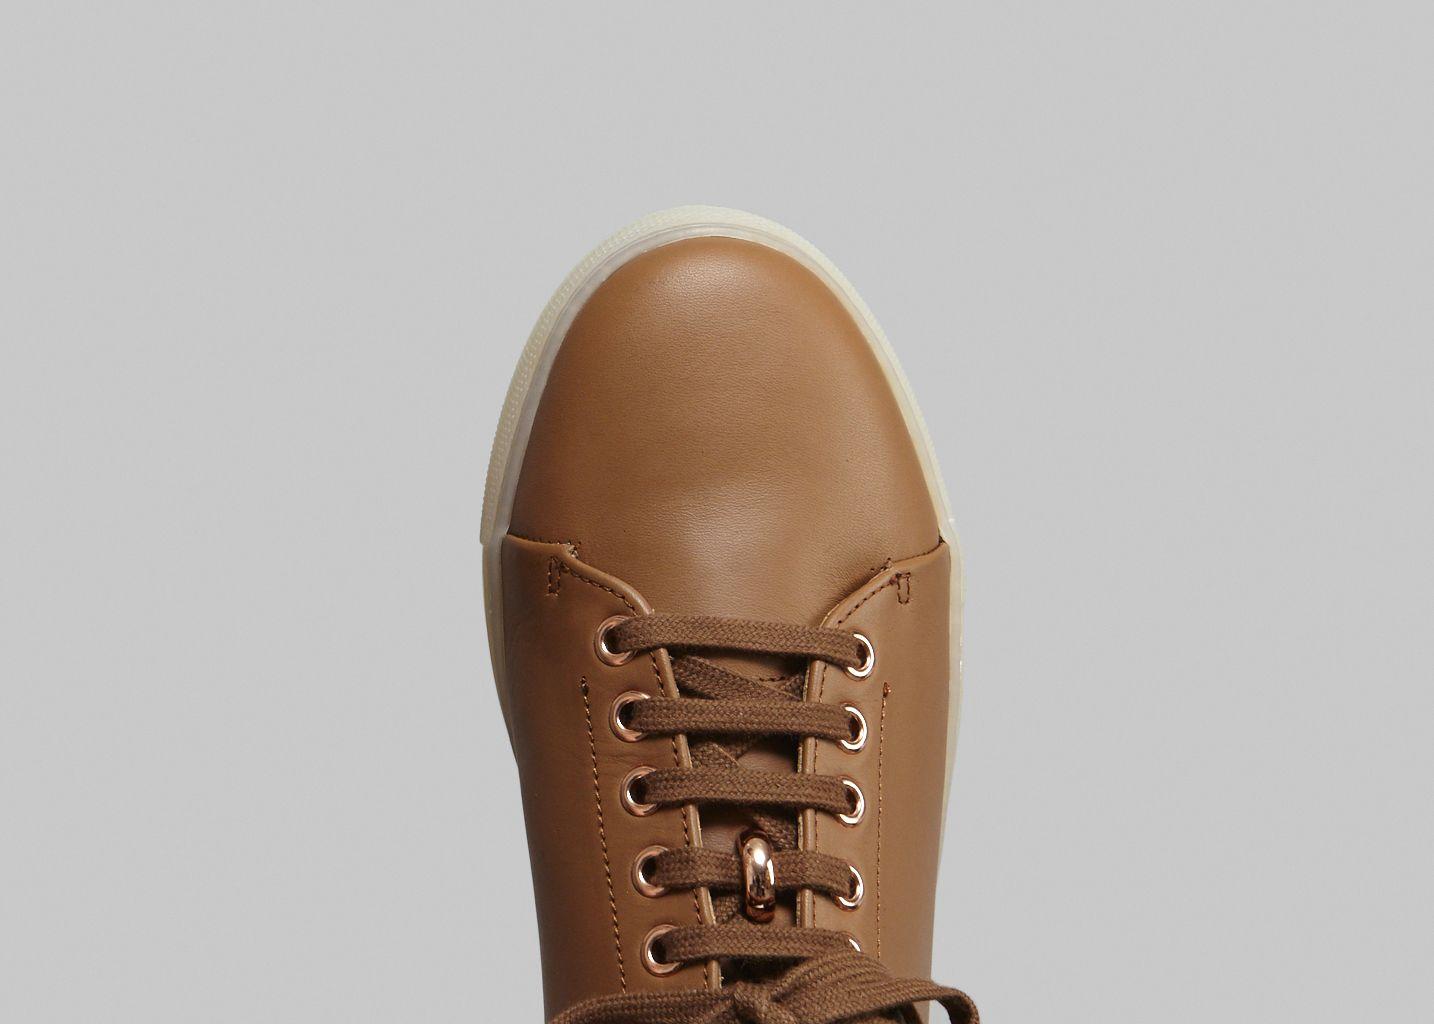 Sneakers N°7 Saintonge  - Pairs in Paris